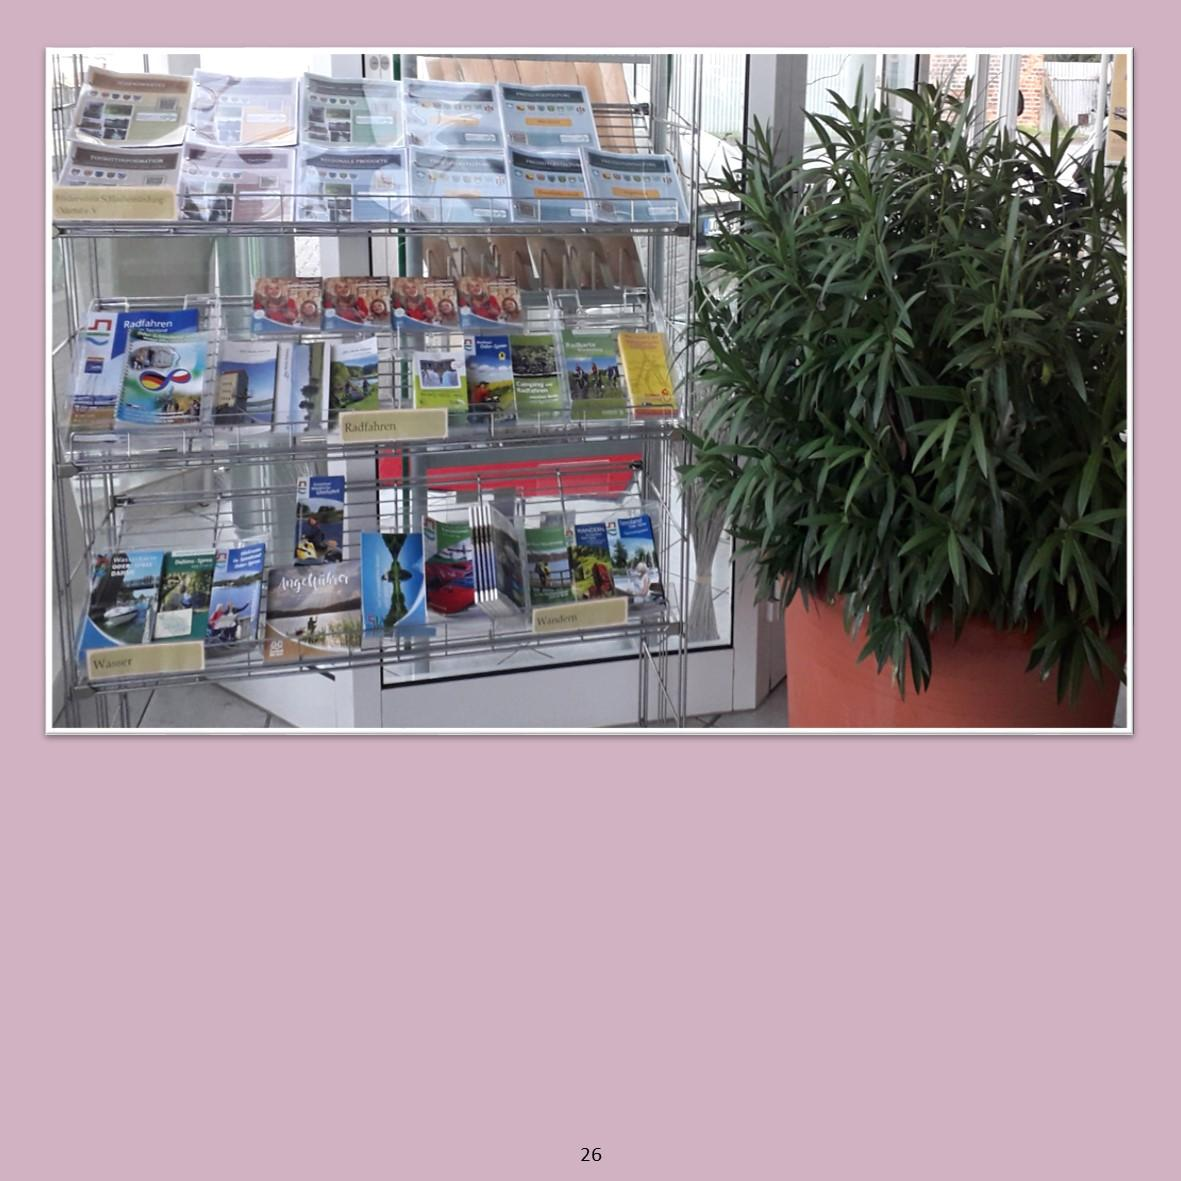 00_Broschüre_Bilder_Touristinformation 26